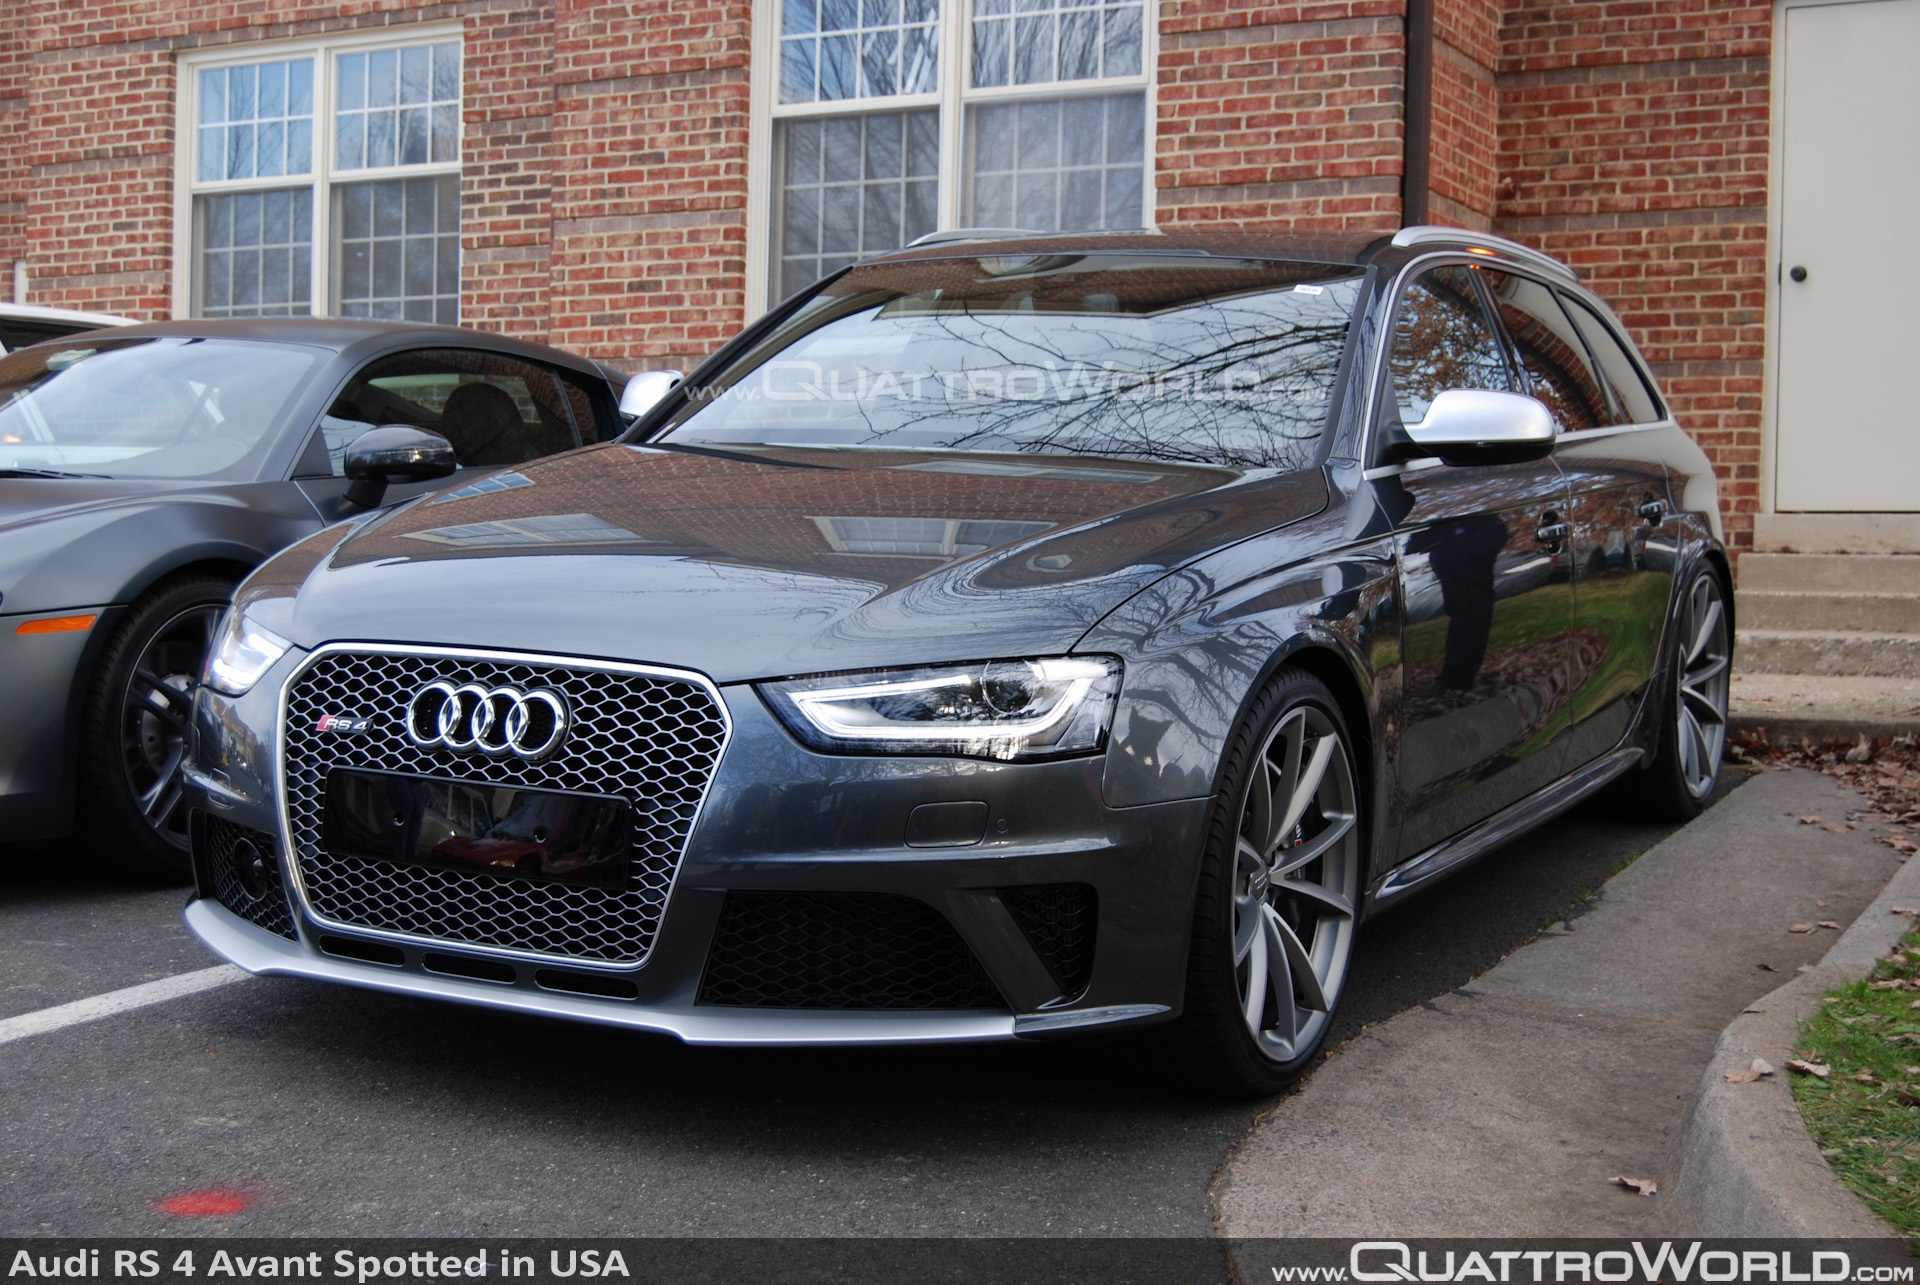 Audi RS 4